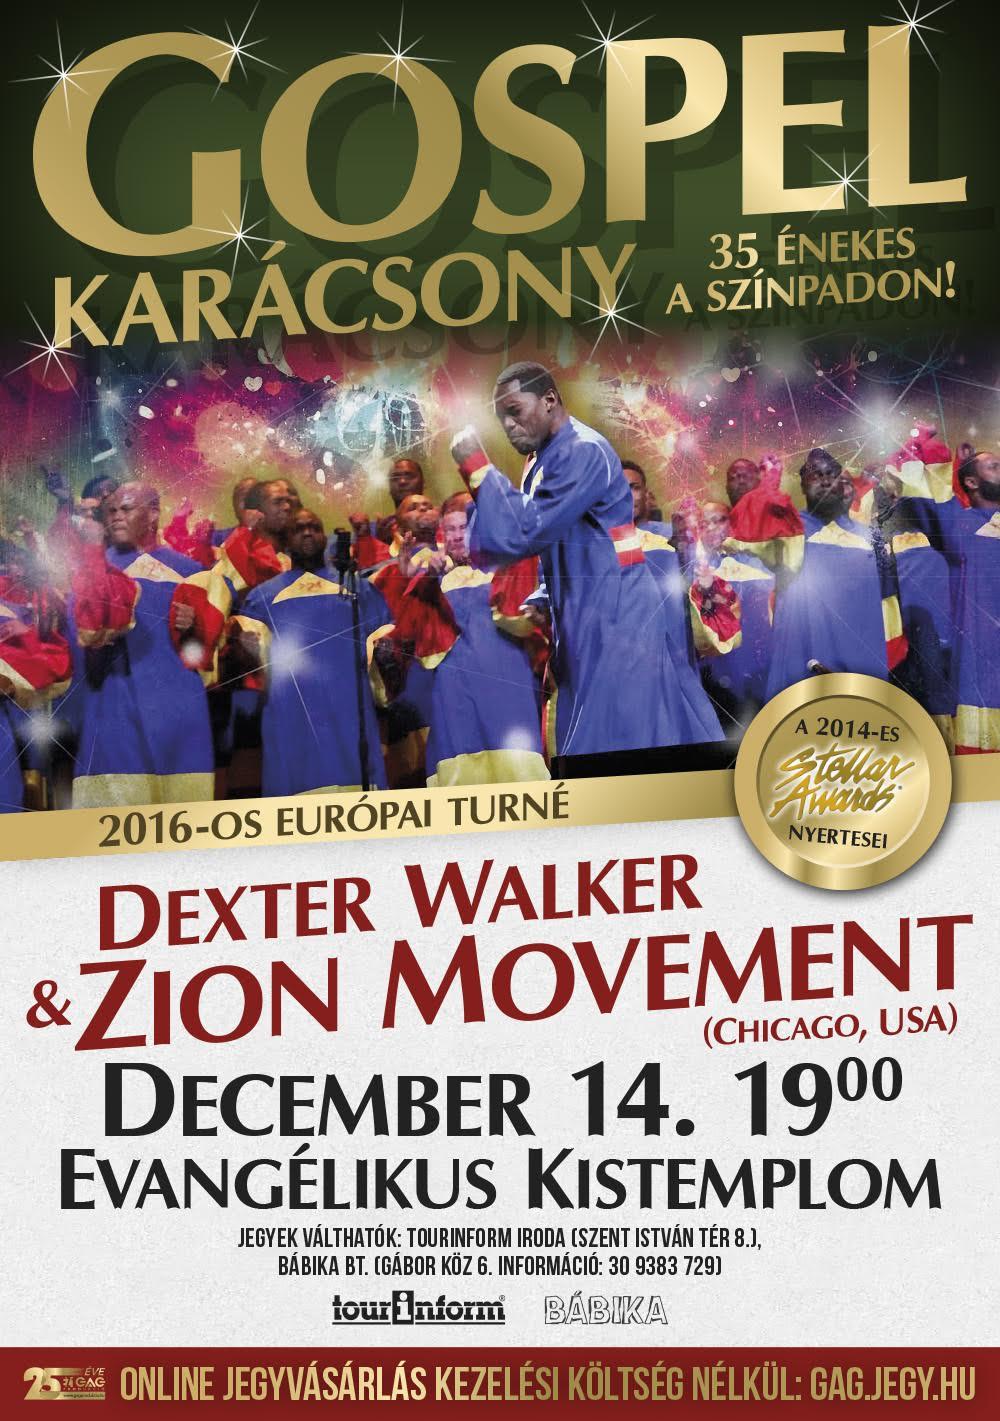 Gospel Karácsony - Dexter Walker & Zion Movement